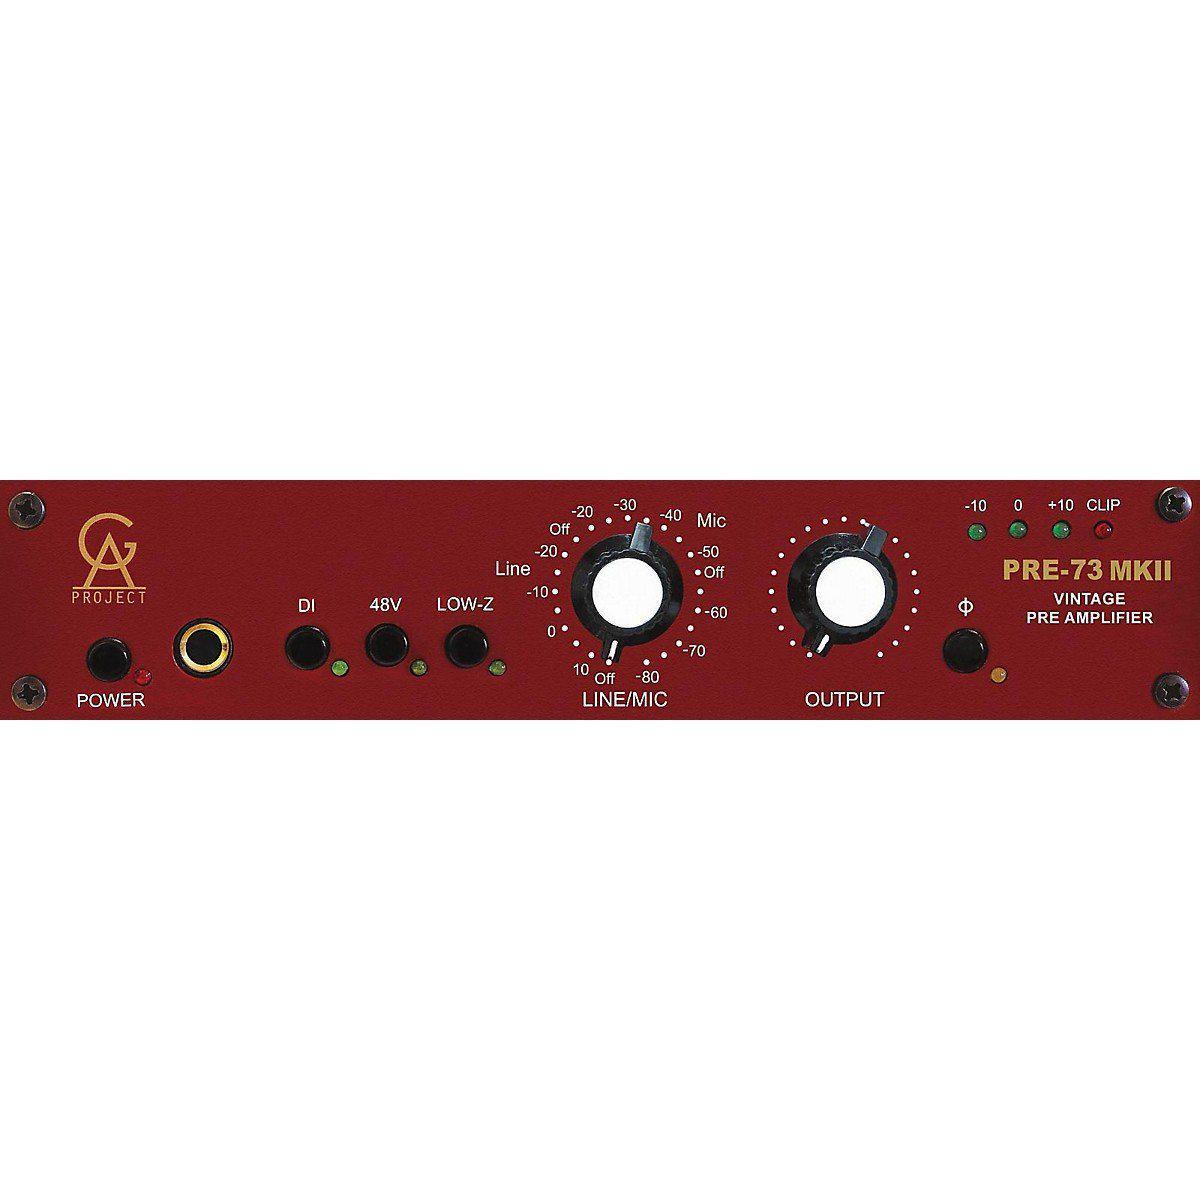 pre-73-mk11-vintage-pre-amplifier